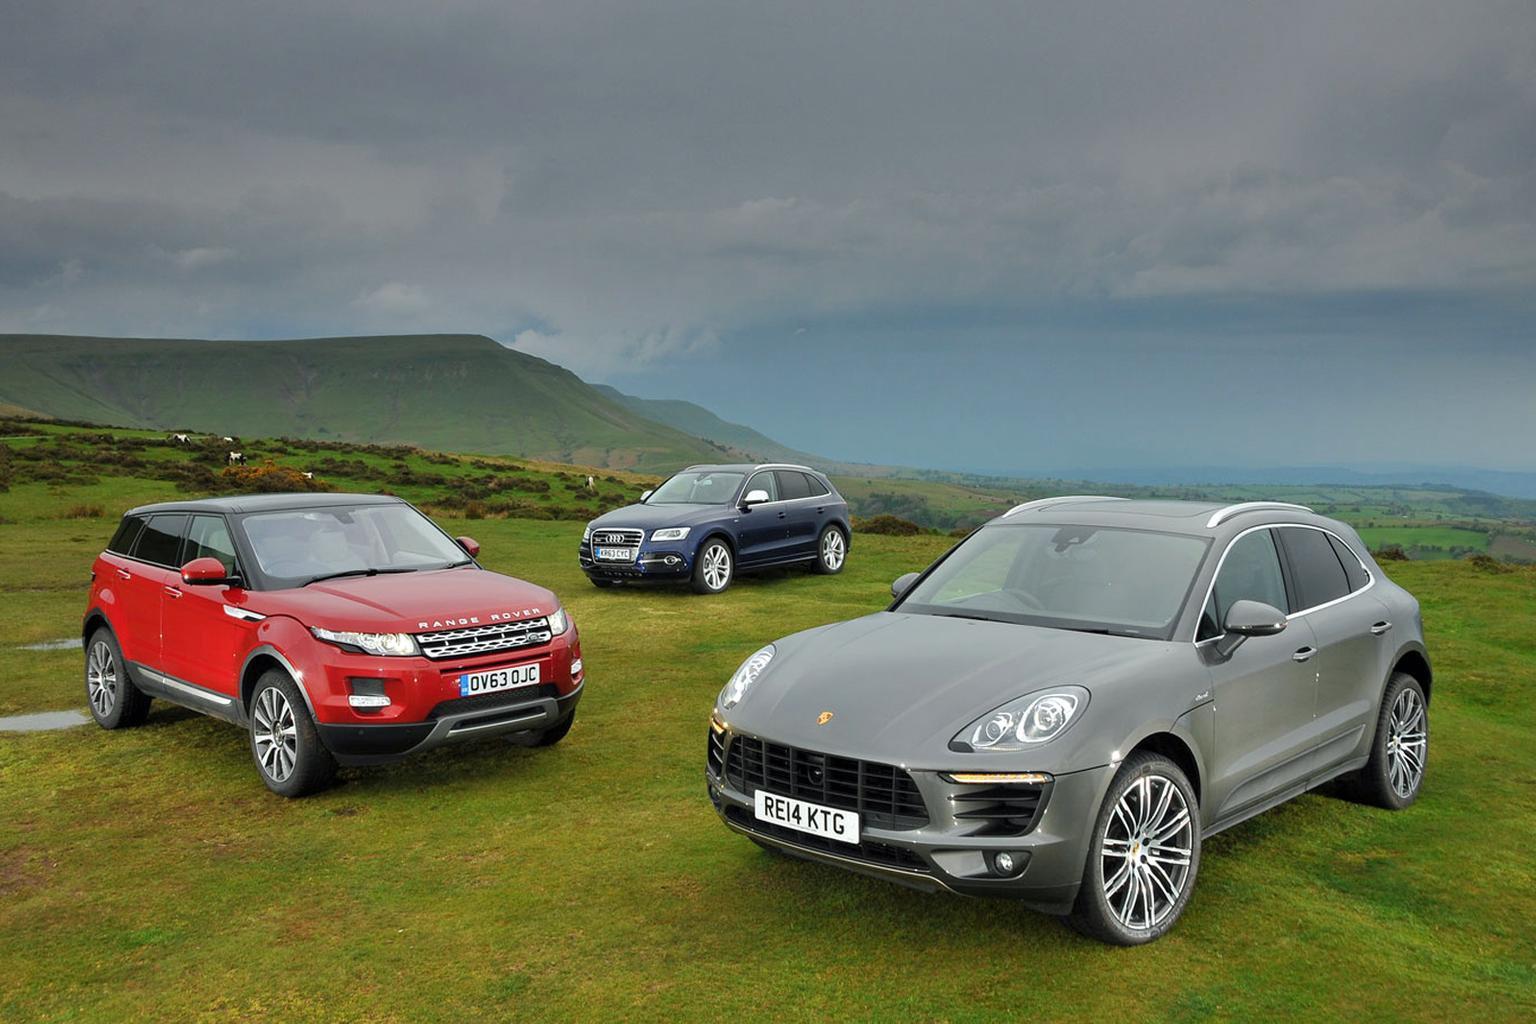 Range Rover Evoque vs Porsche Macan vs Audi SQ5